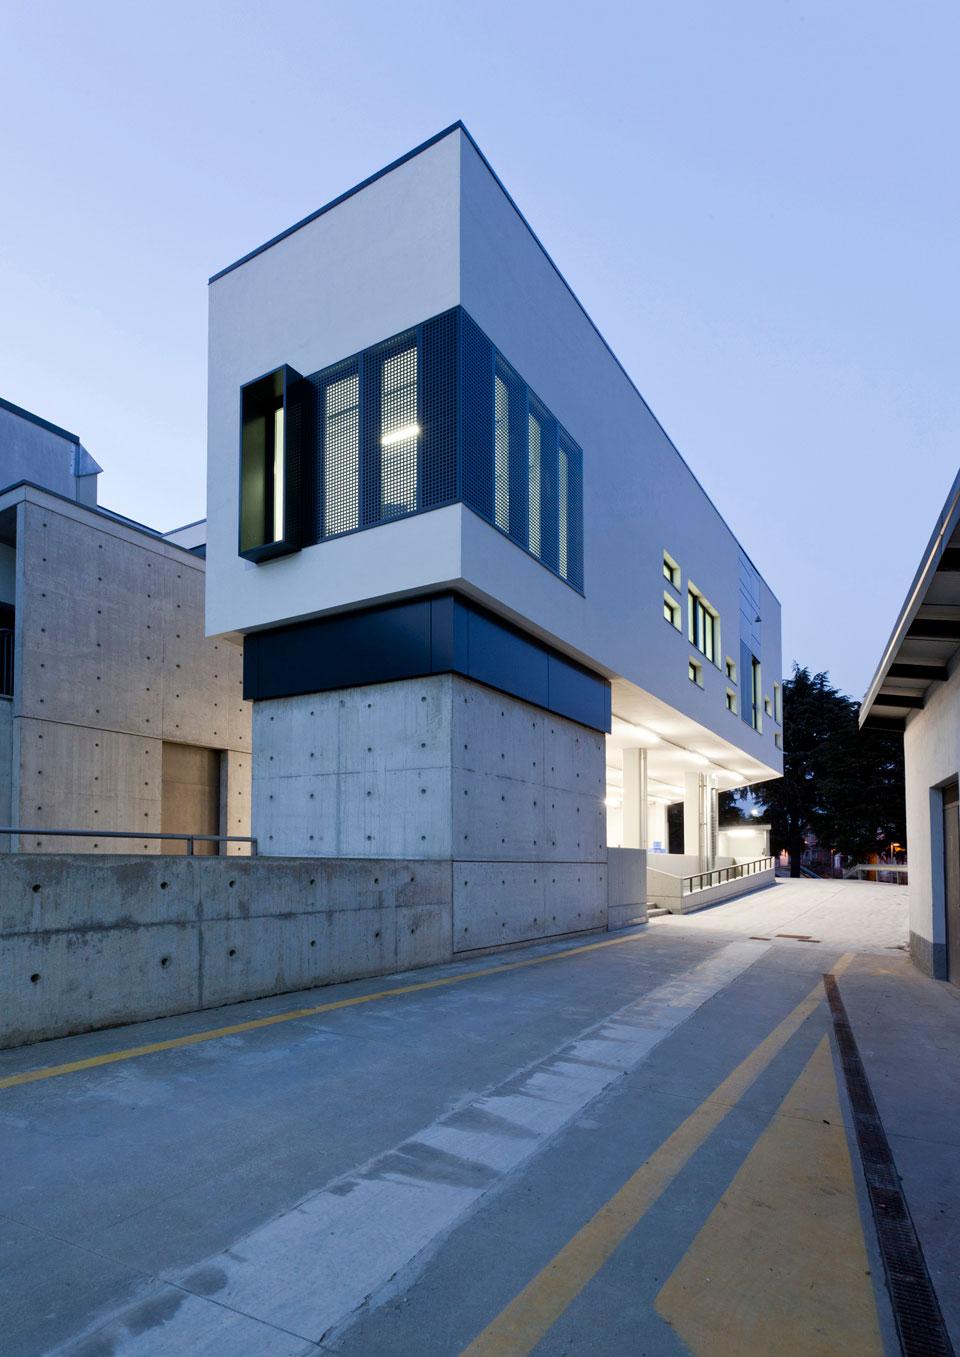 Inarsind_premio_architettura_2014_BREMBILLA+FORCELLA_Scuola_edile_bergamasca_2